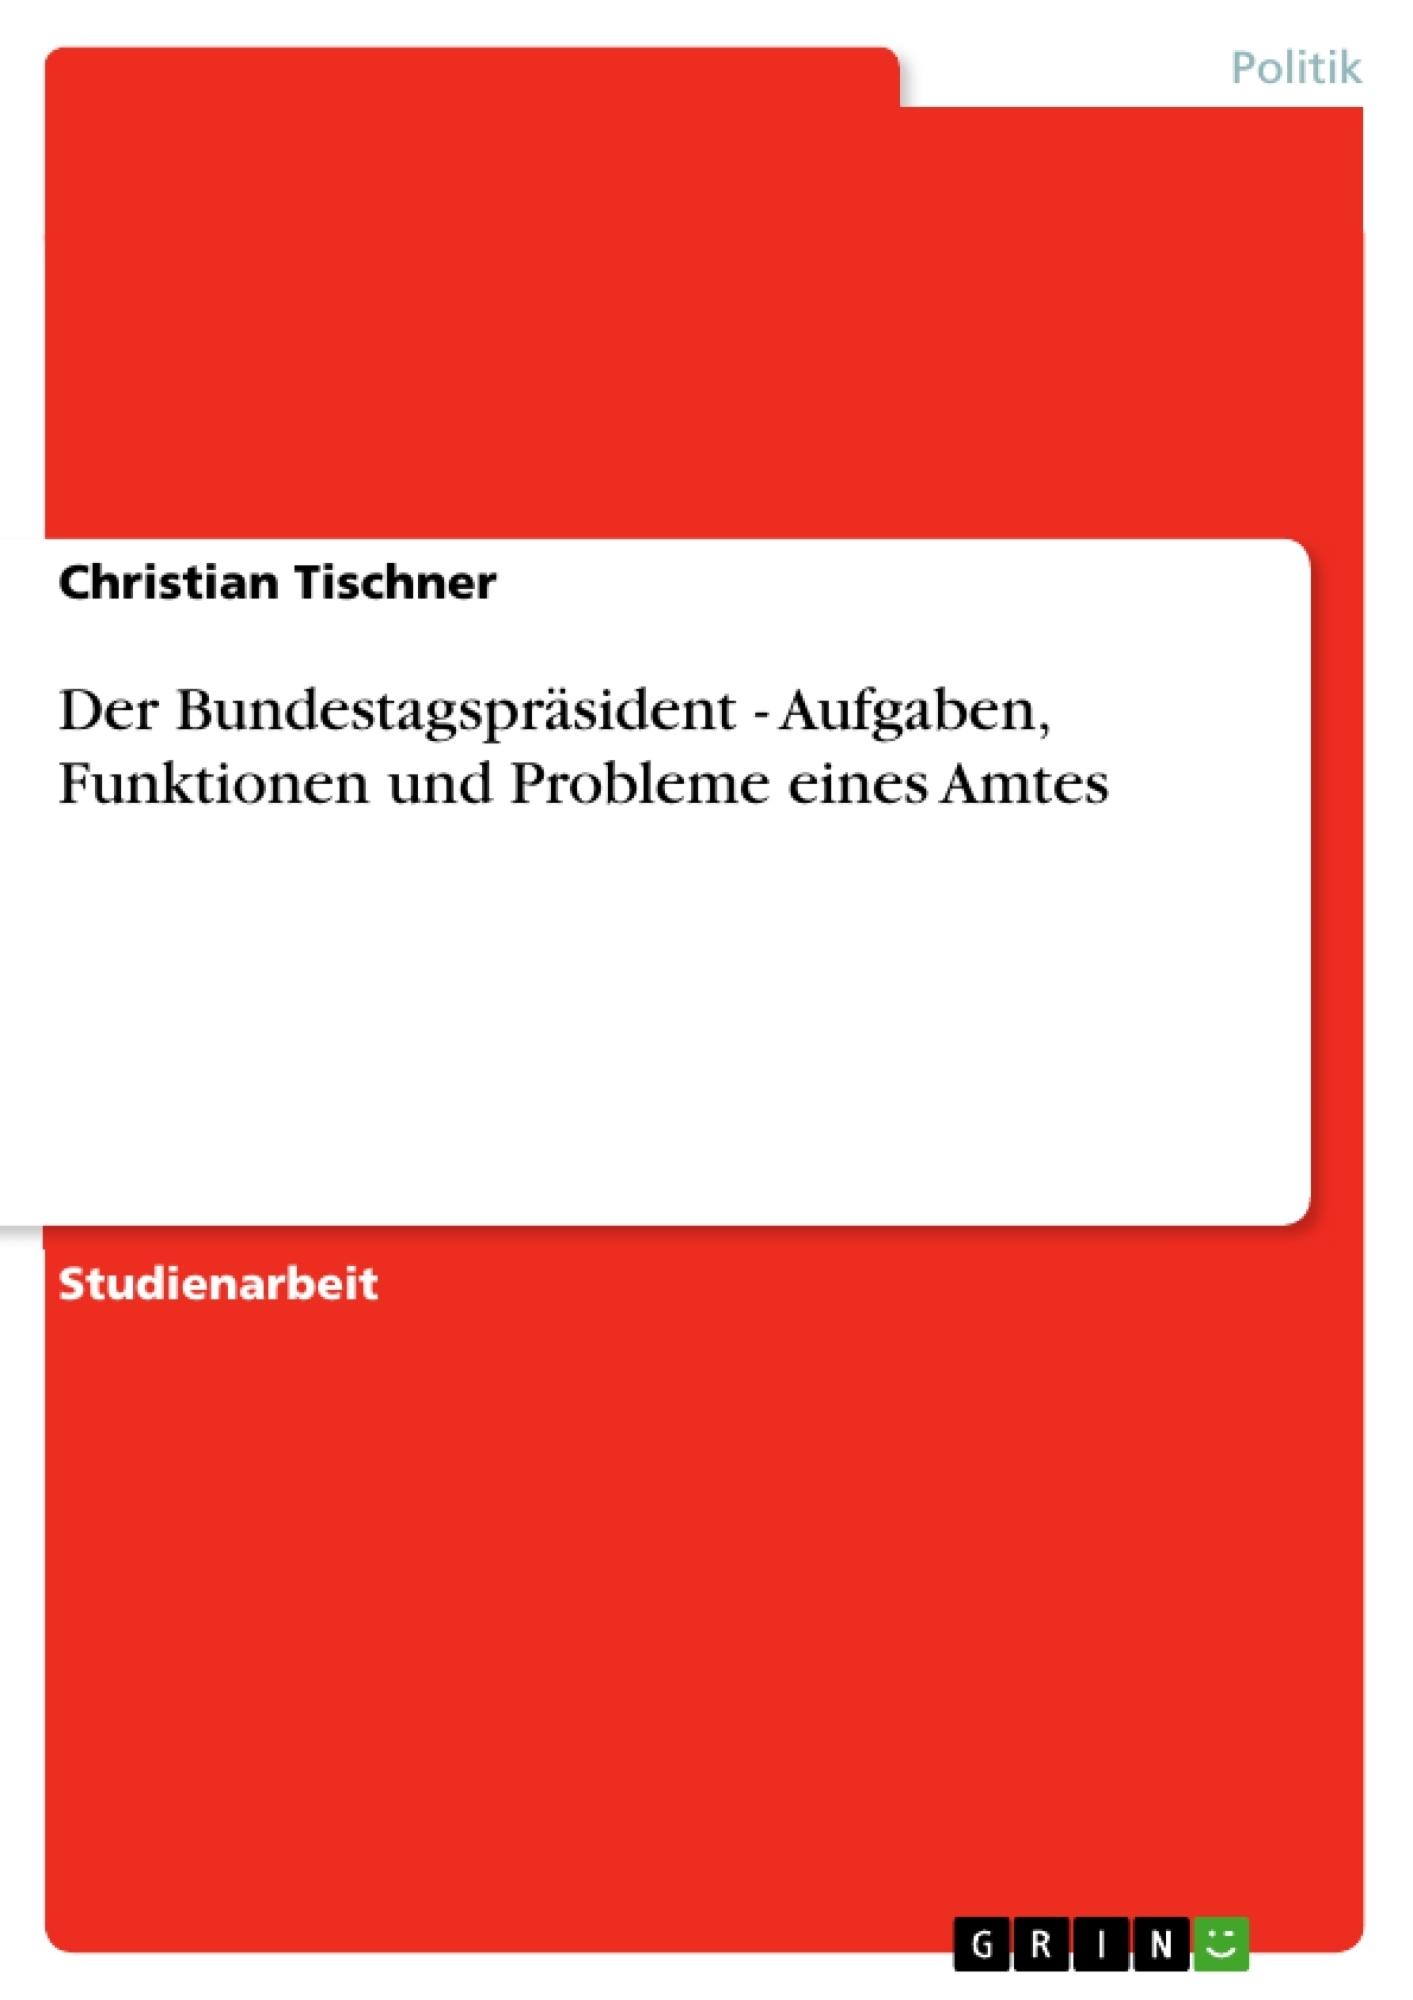 Titel: Der Bundestagspräsident - Aufgaben, Funktionen und Probleme eines Amtes